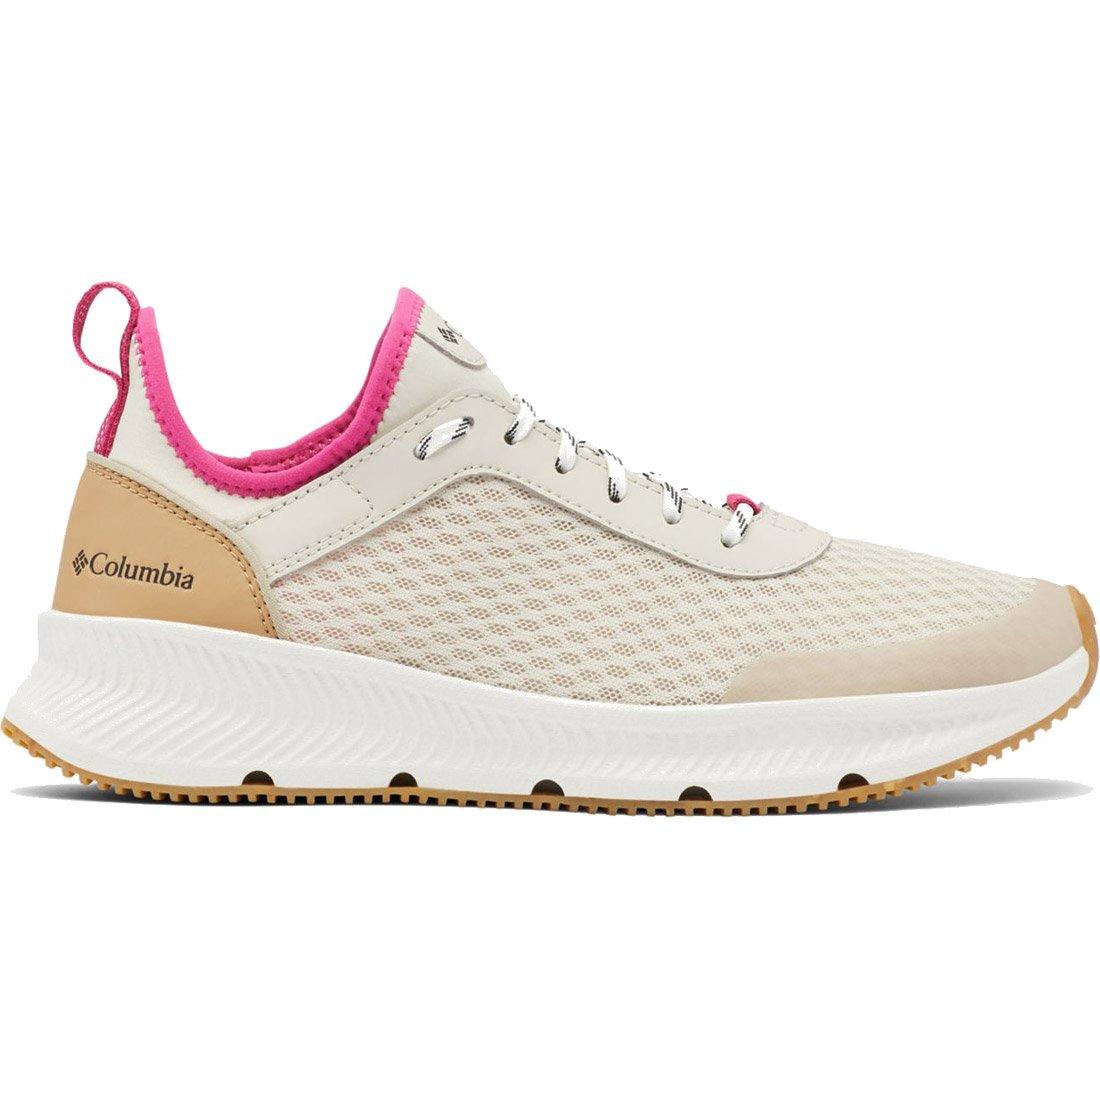 נעליים לנשים - Summertide W - Columbia